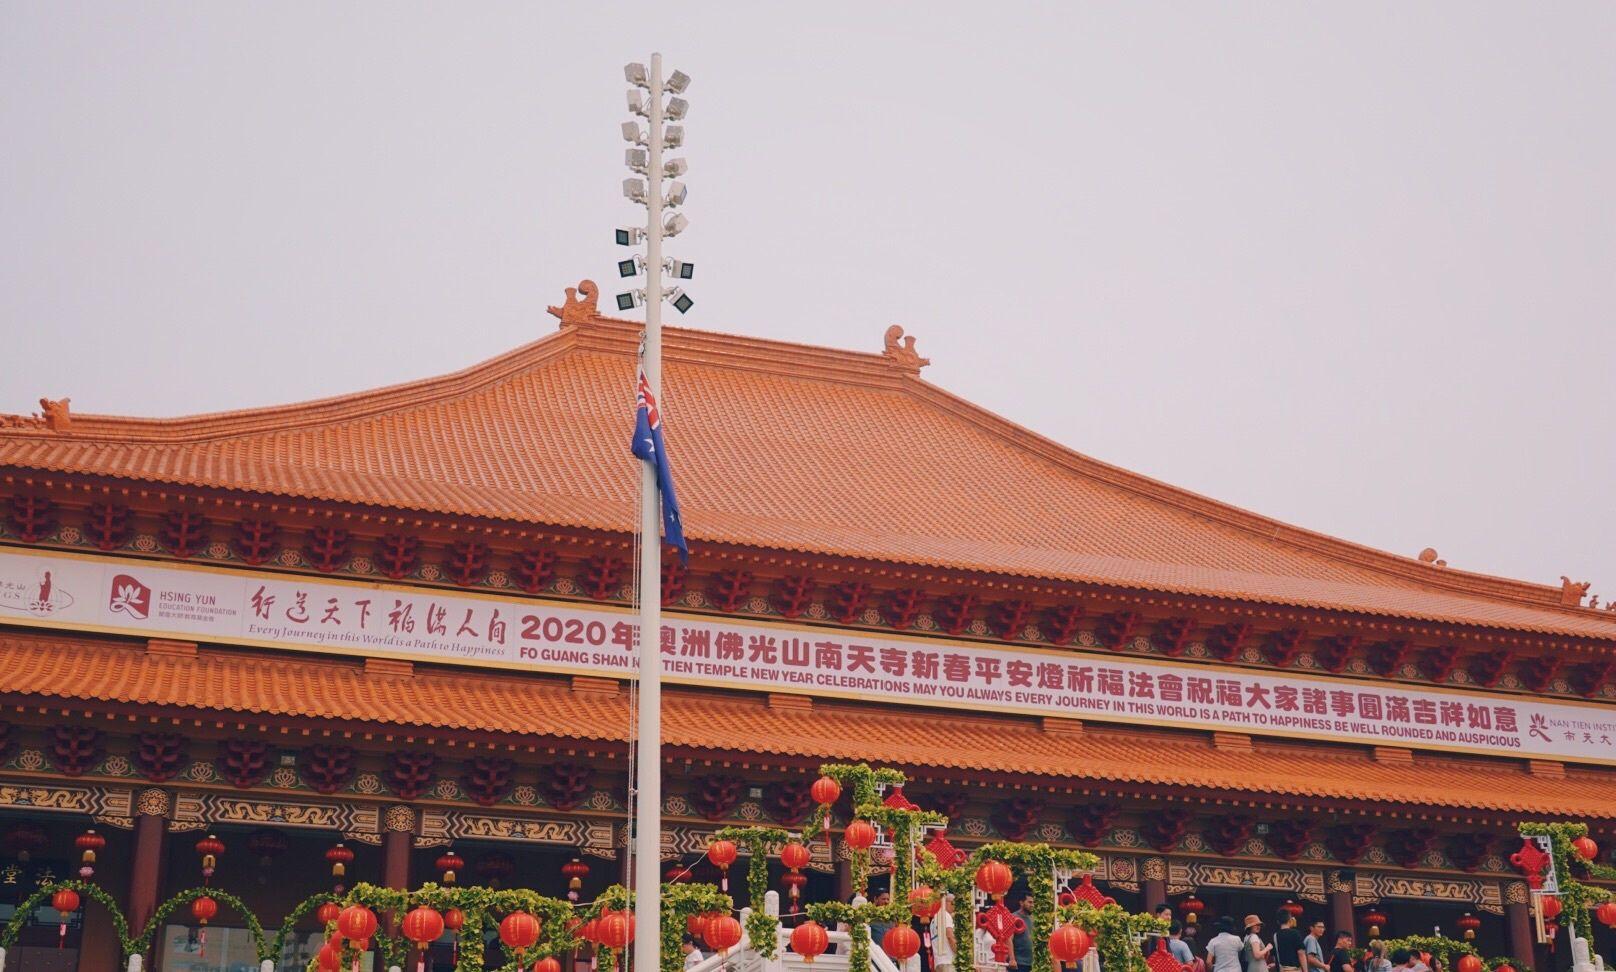 南半球最大的寺庙,佛光山南天寺